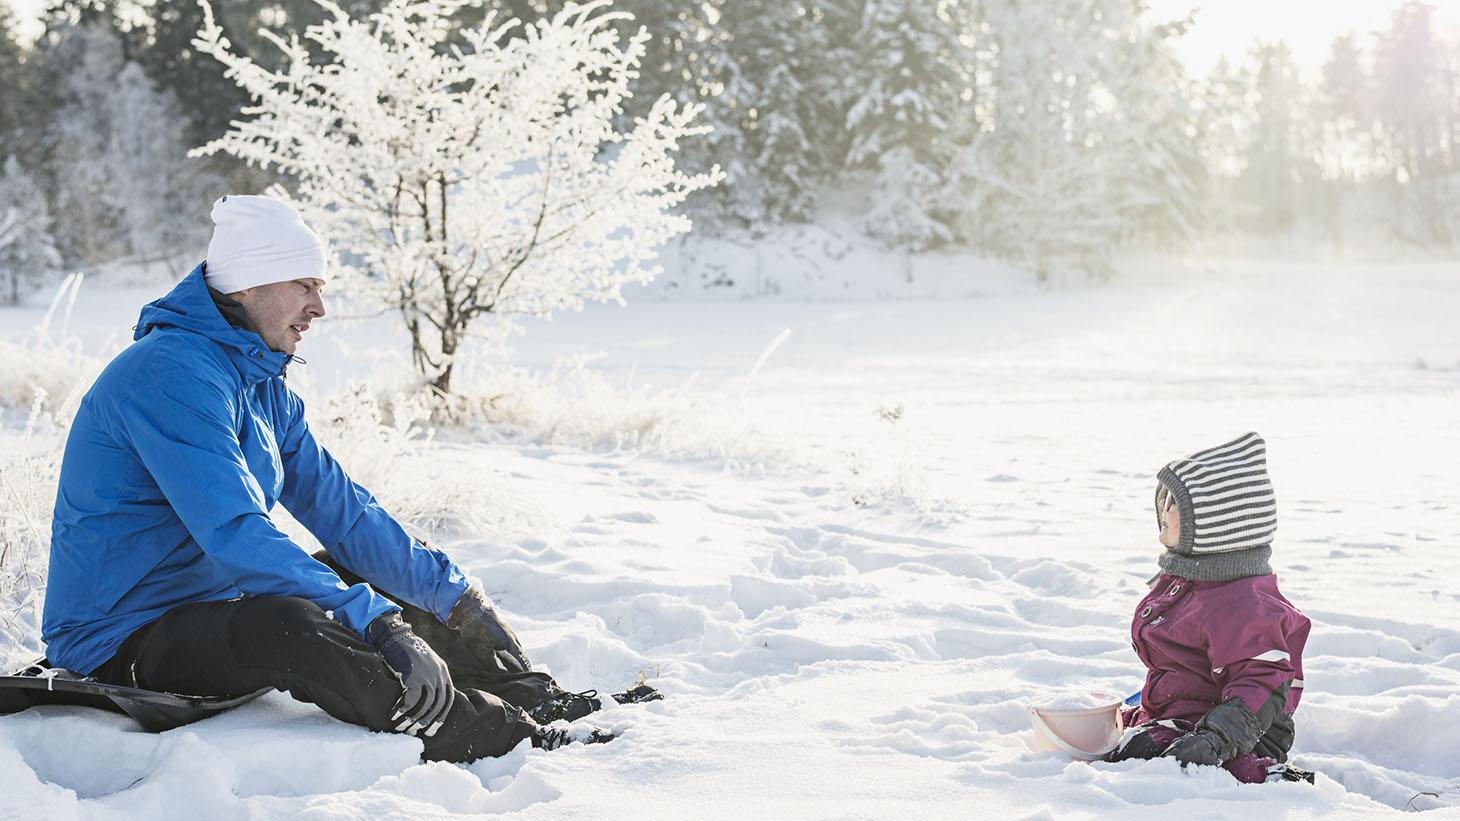 En pappa och ett barn sitter i snön och tittar på varandra